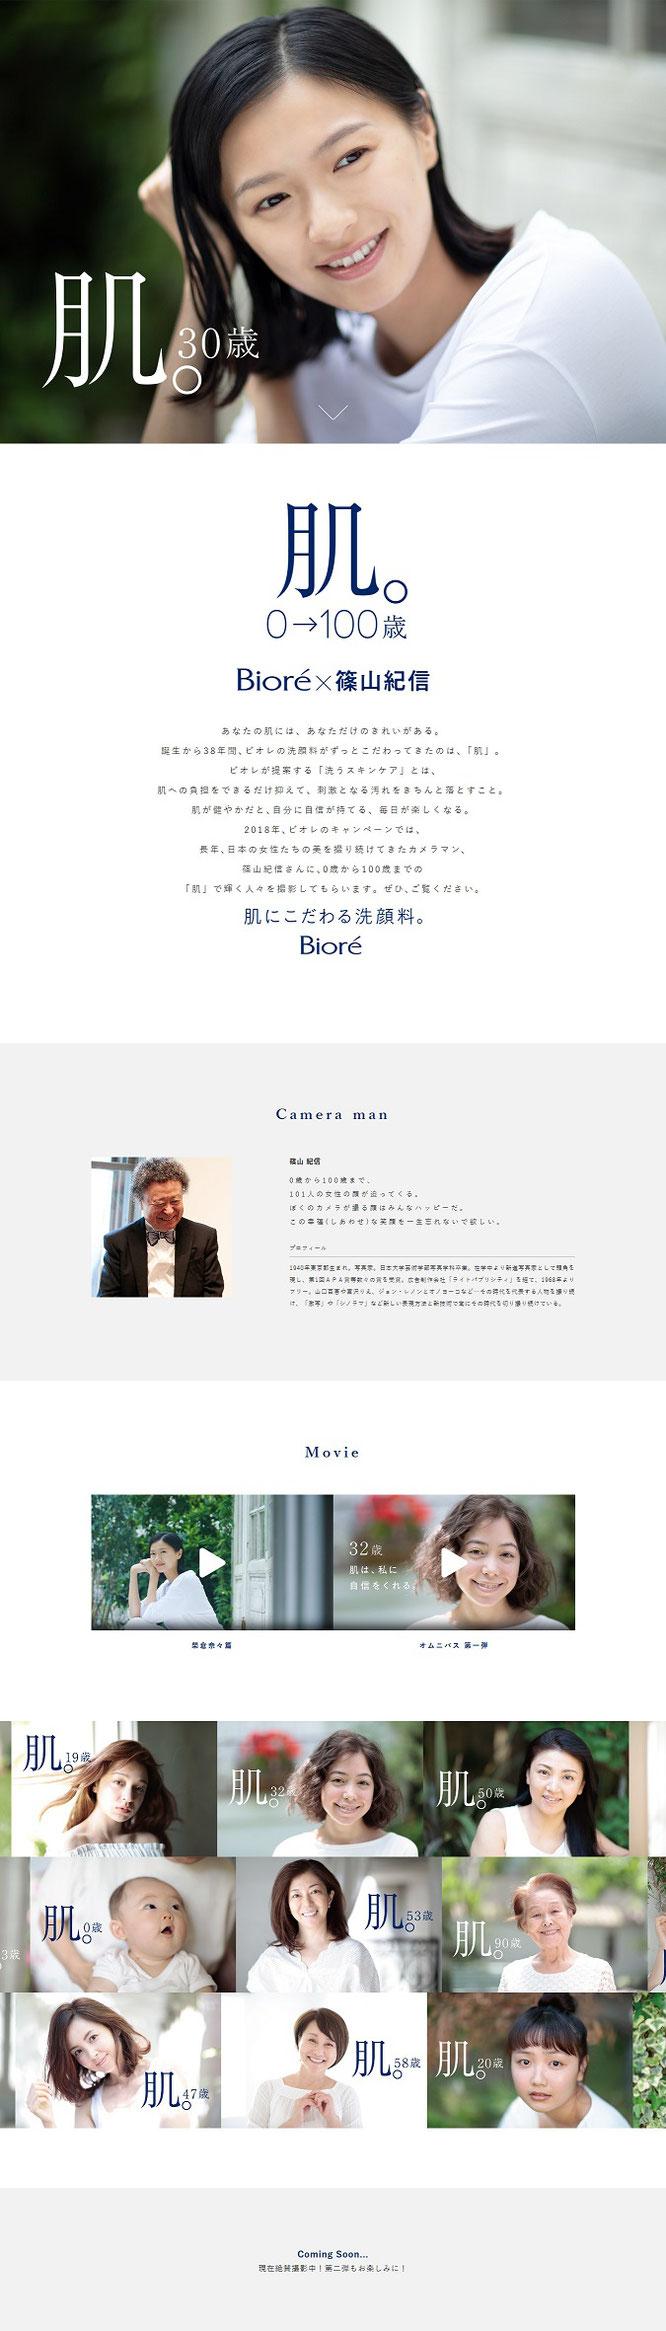 【花王】ビオレ 肌。Biore×篠山紀信「0→100歳」